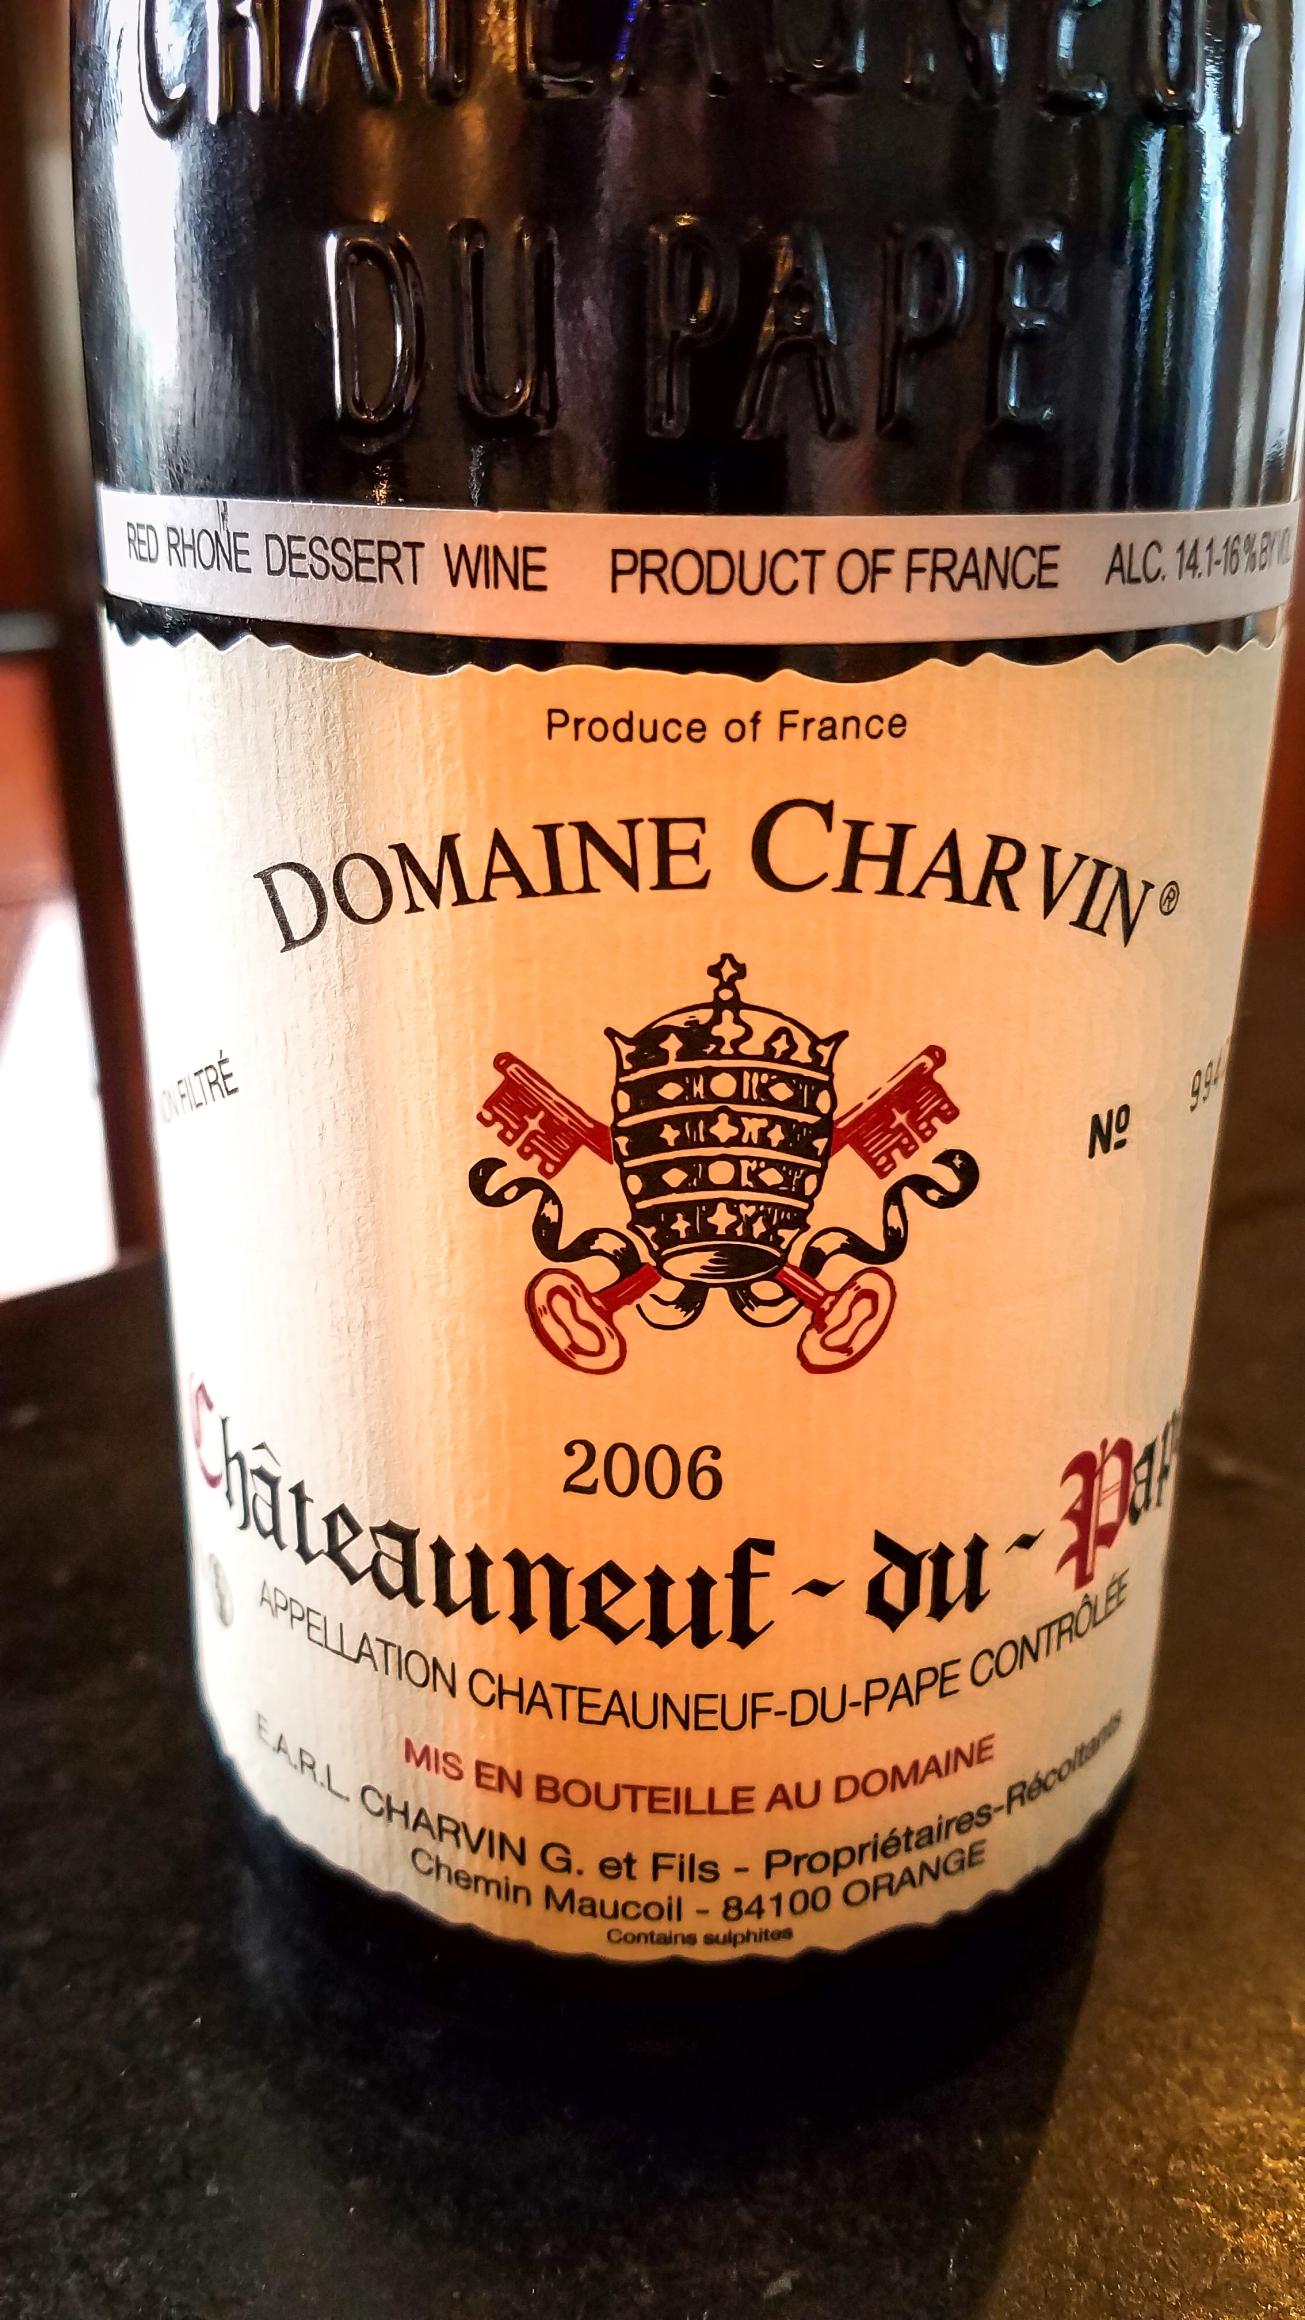 2006 Domaine Charvin Châteauneuf-du-Pape